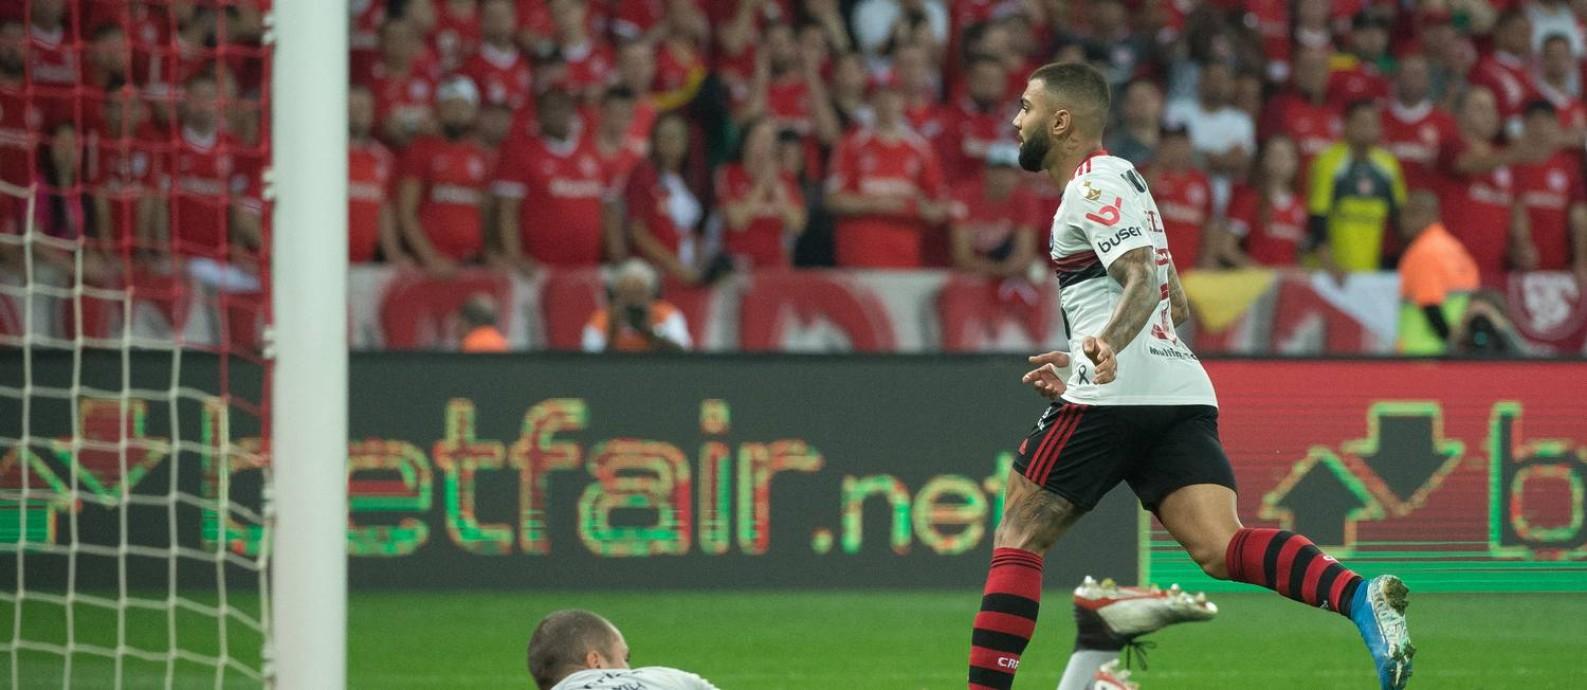 Gabigol corre para comemorar o gol do empate do Flamengo contra o Inter no Beira-Rio Foto: Alexandre Vidal